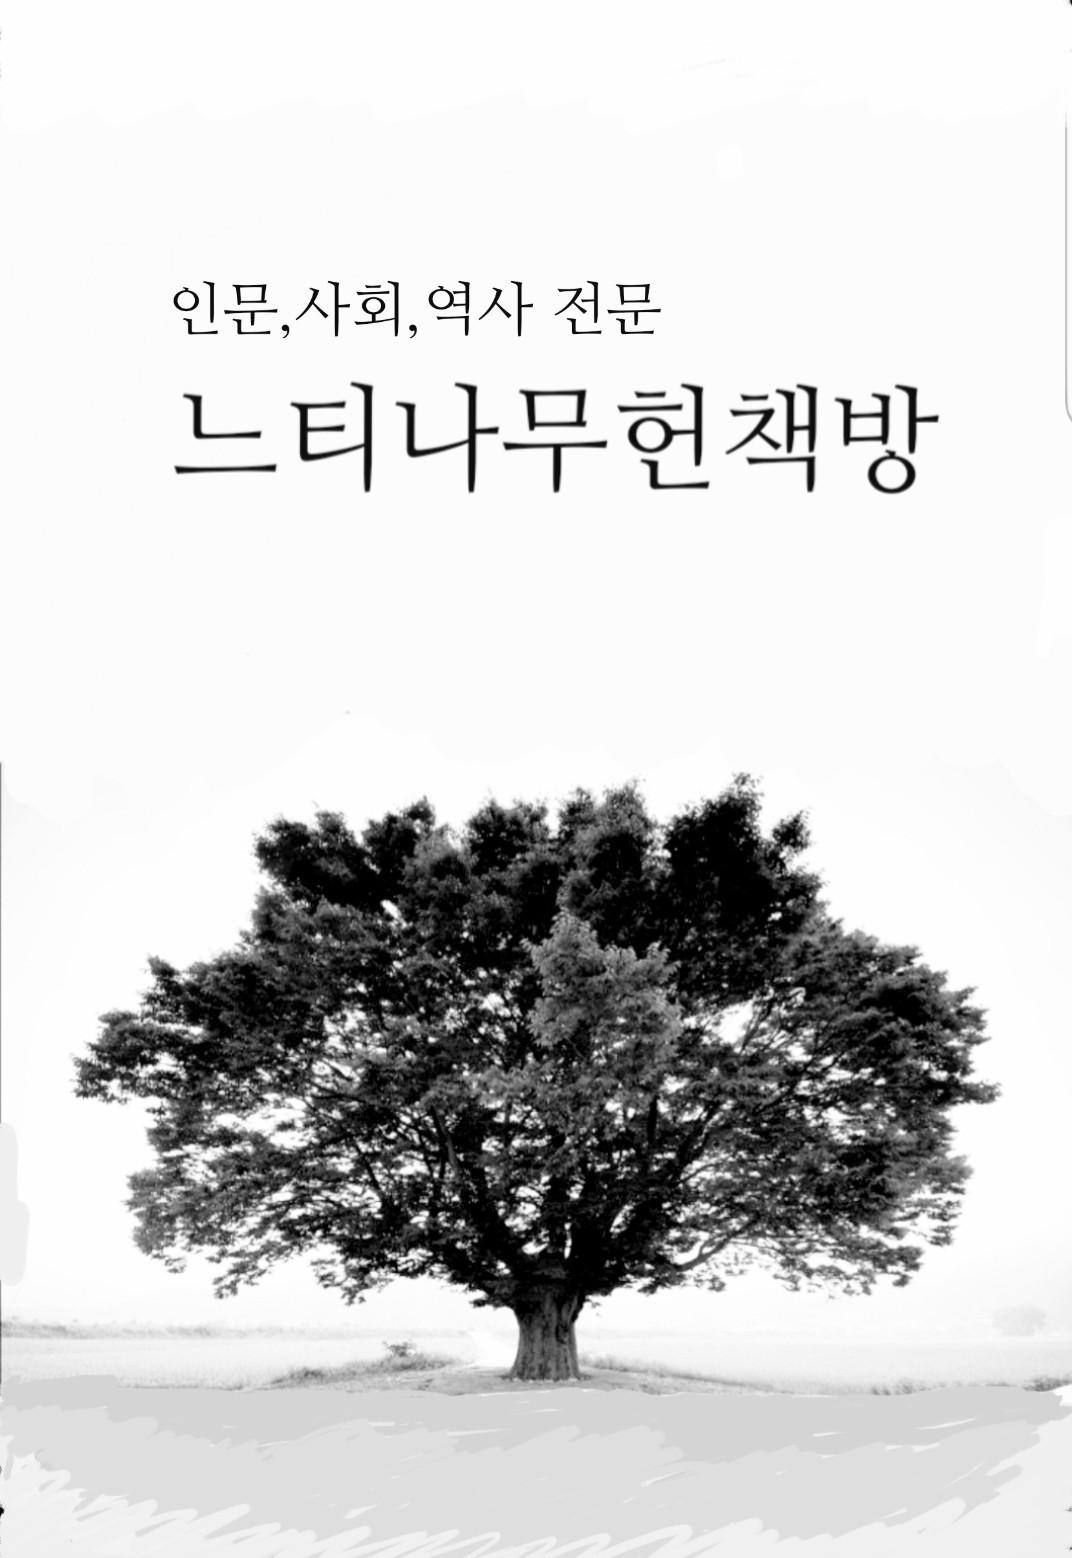 이광수전집 별권 - 화보(앨범), 평전, 연보 (알인56코너)